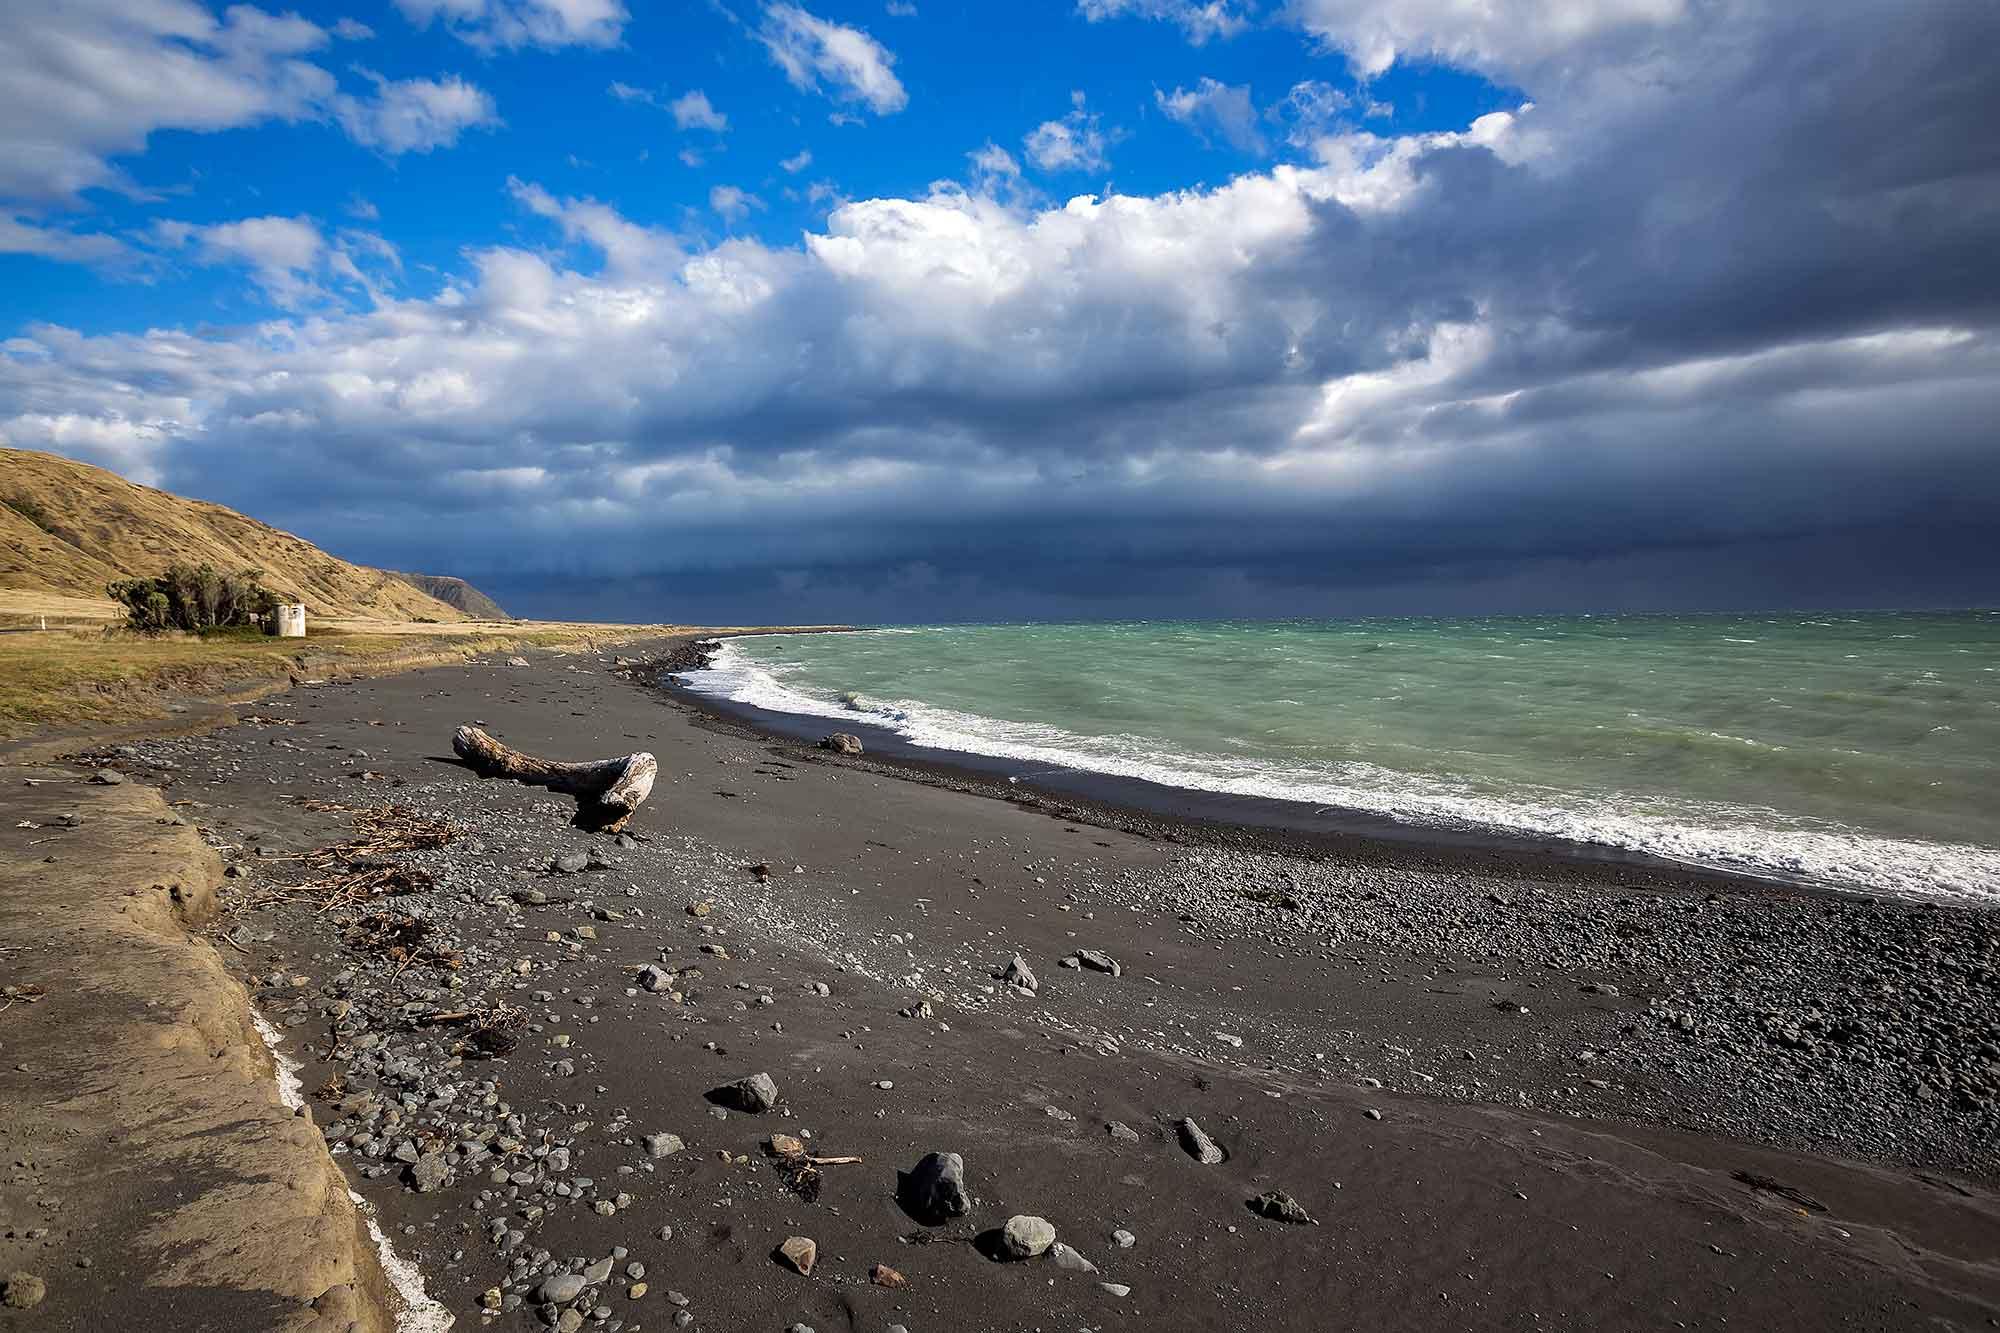 Black beach on Cape Palliser, New Zealand. © Ulli Maier & Nisa Maier